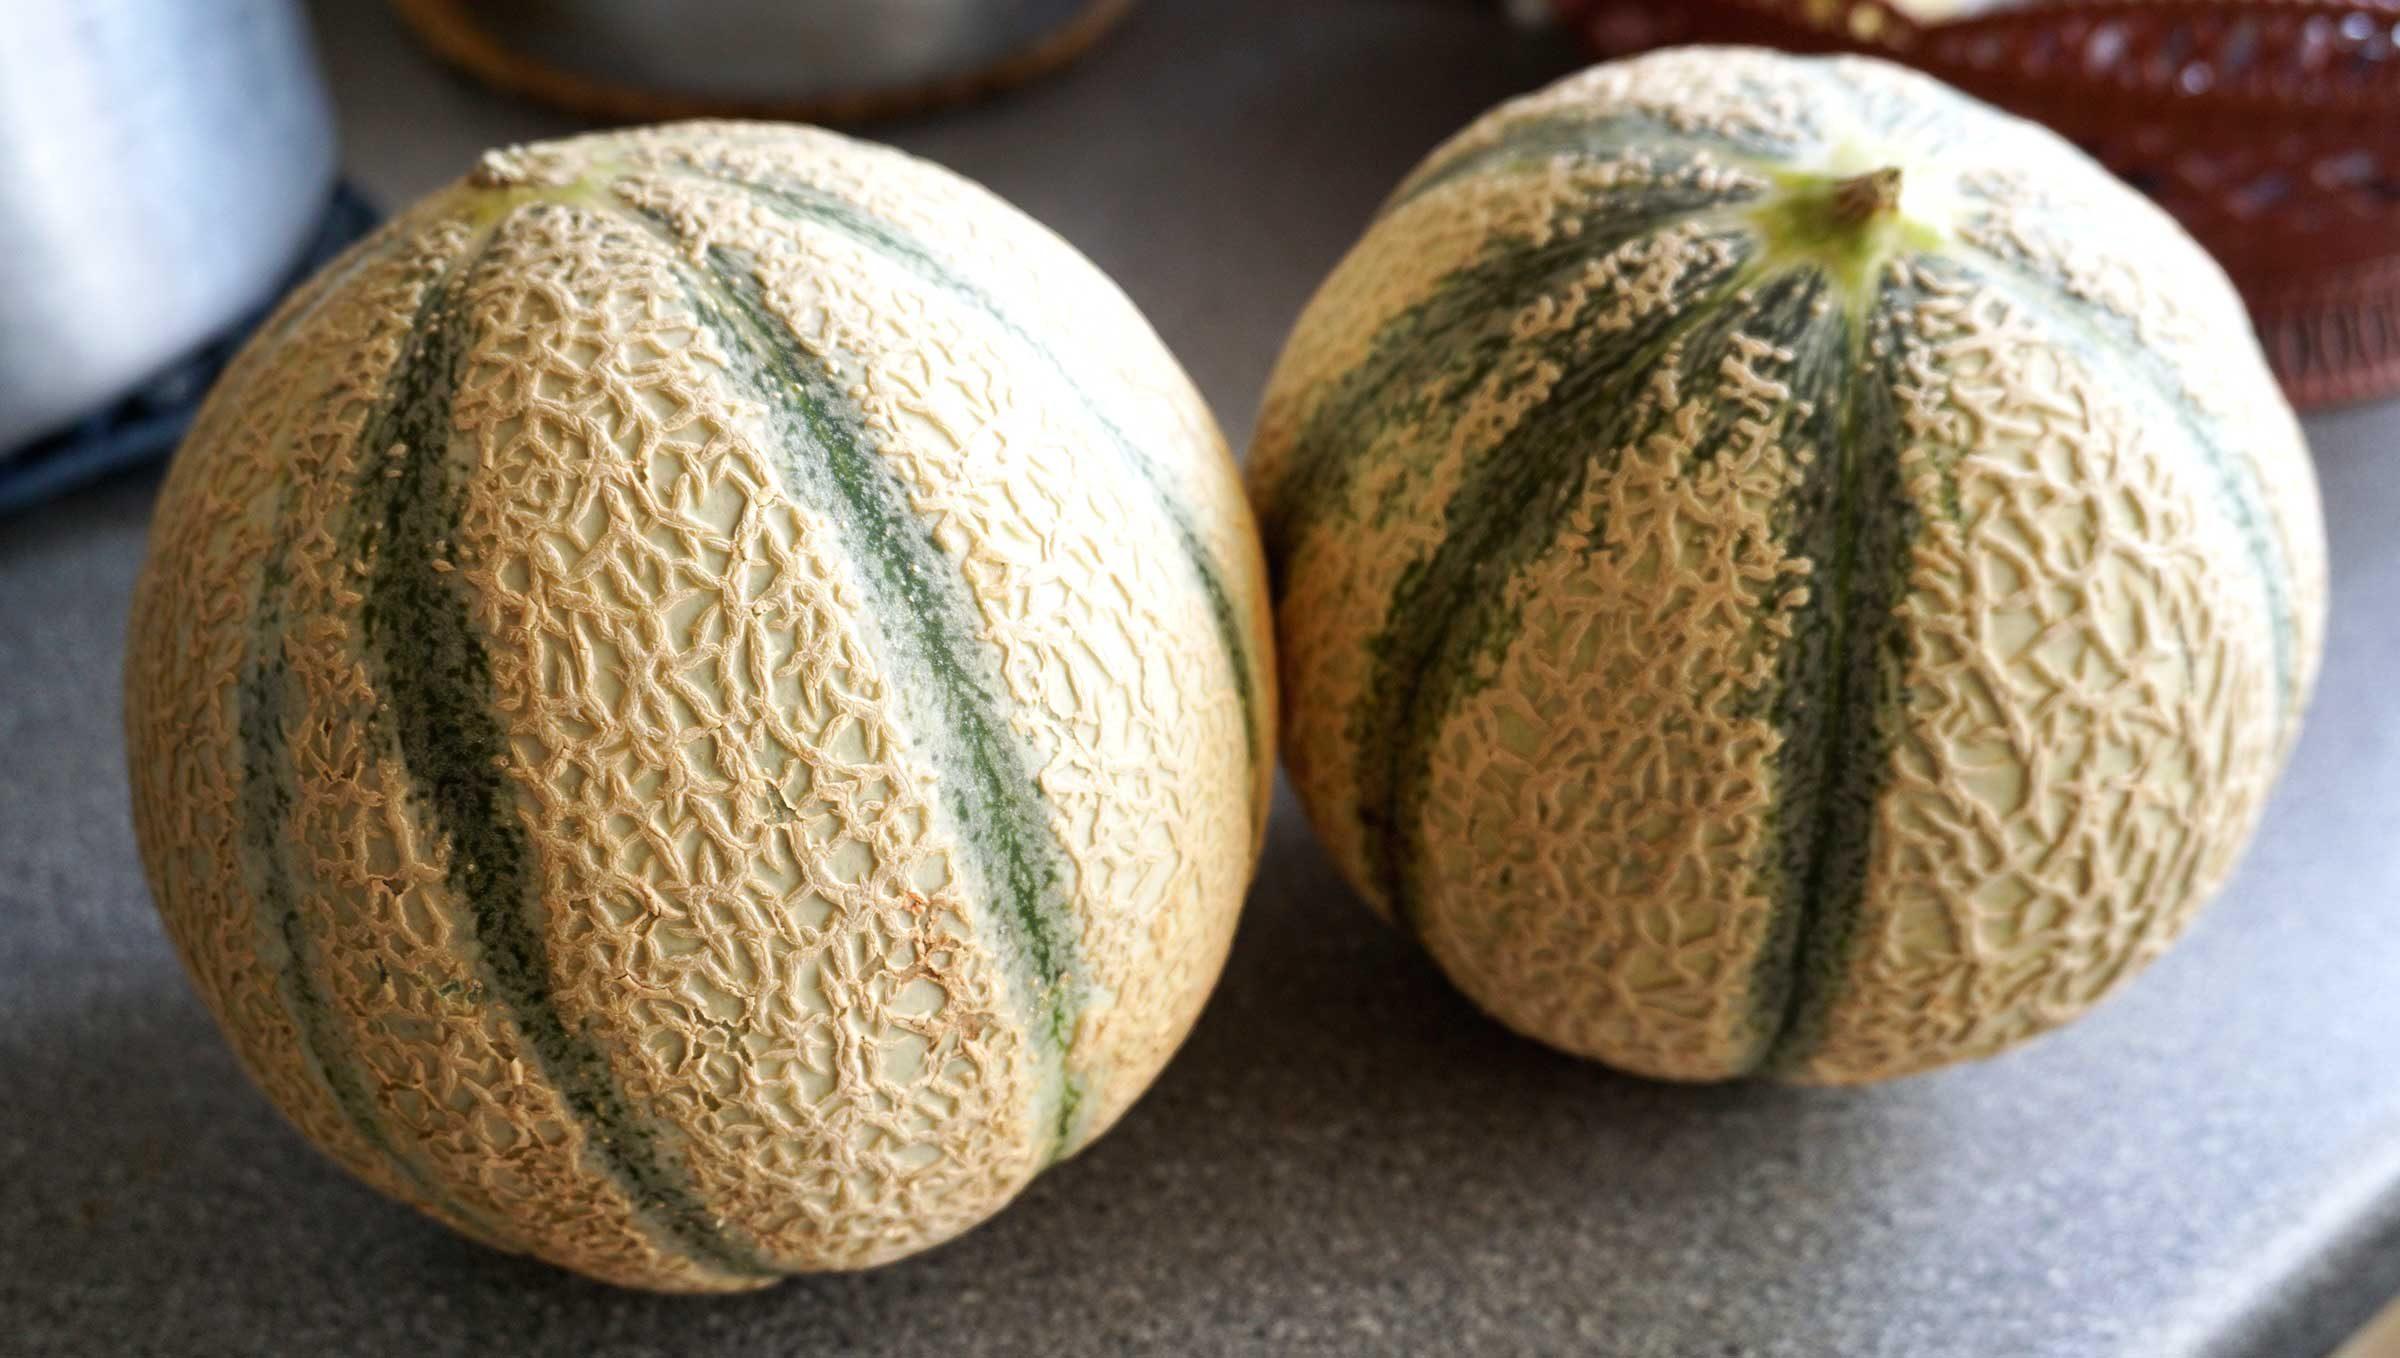 Ne jamais mettre ces melons dans le refrigérateur.